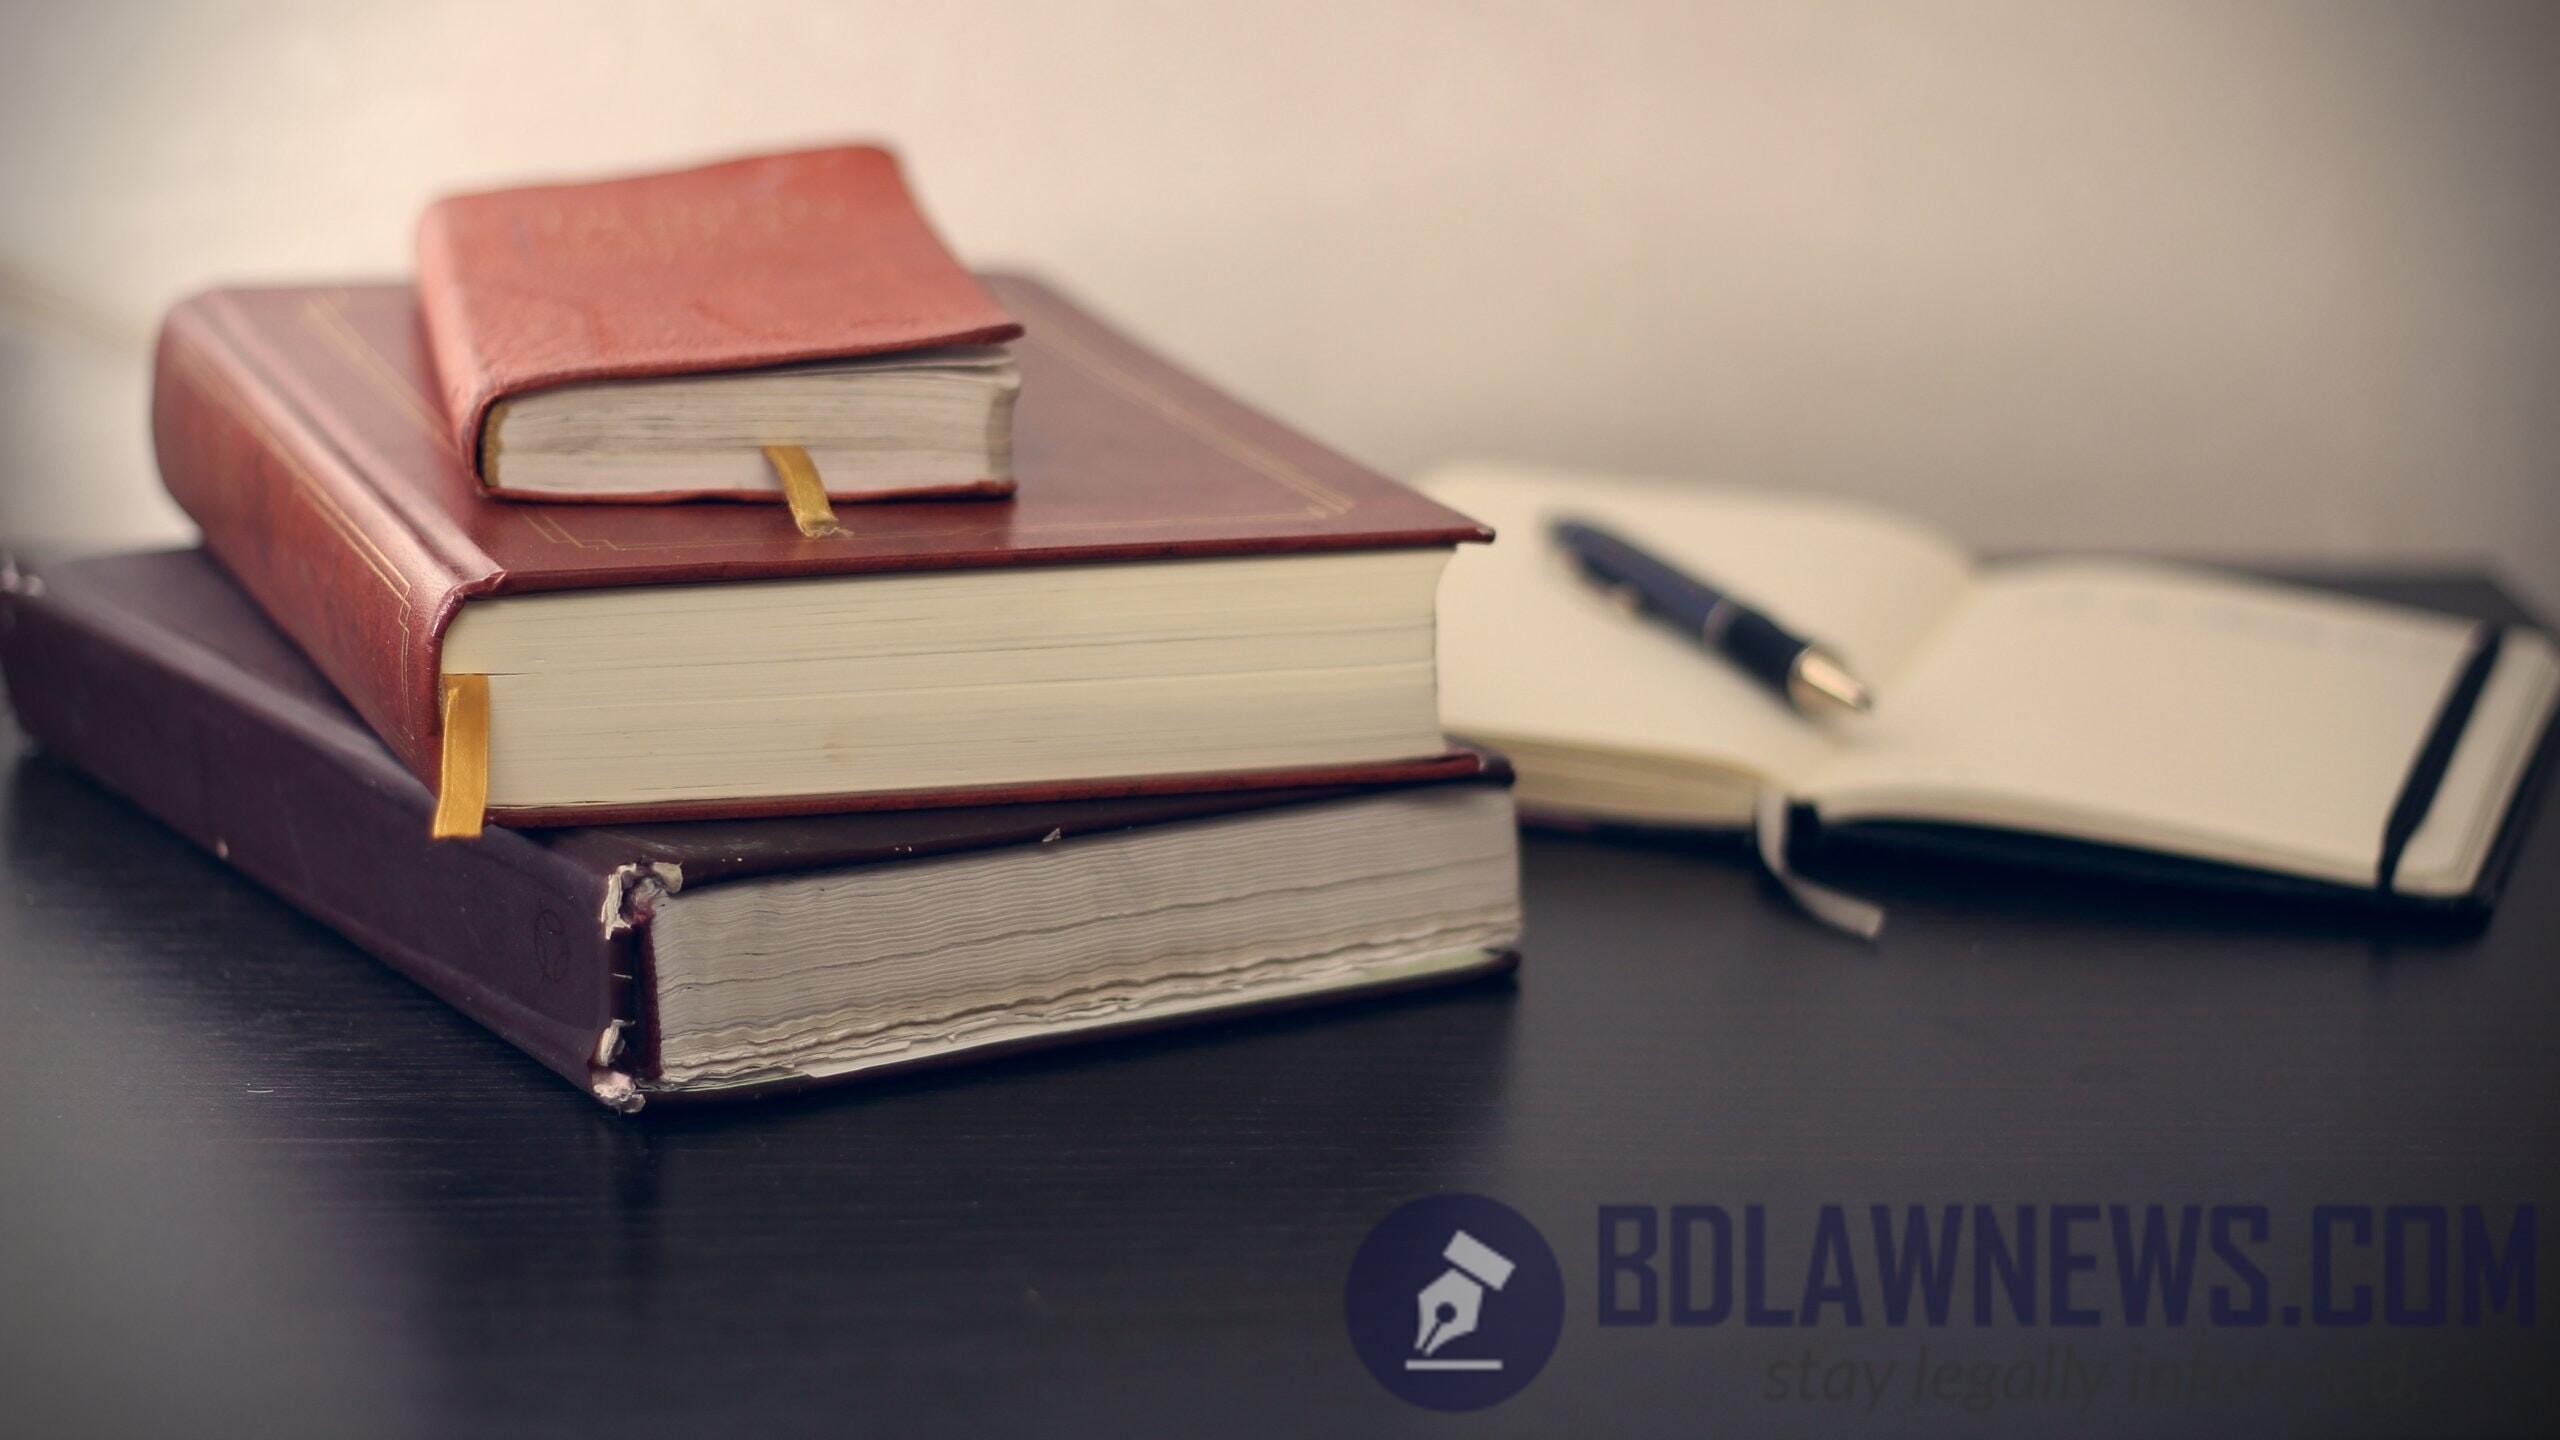 তত্ত্বগত ও পদ্ধতিগত আইন